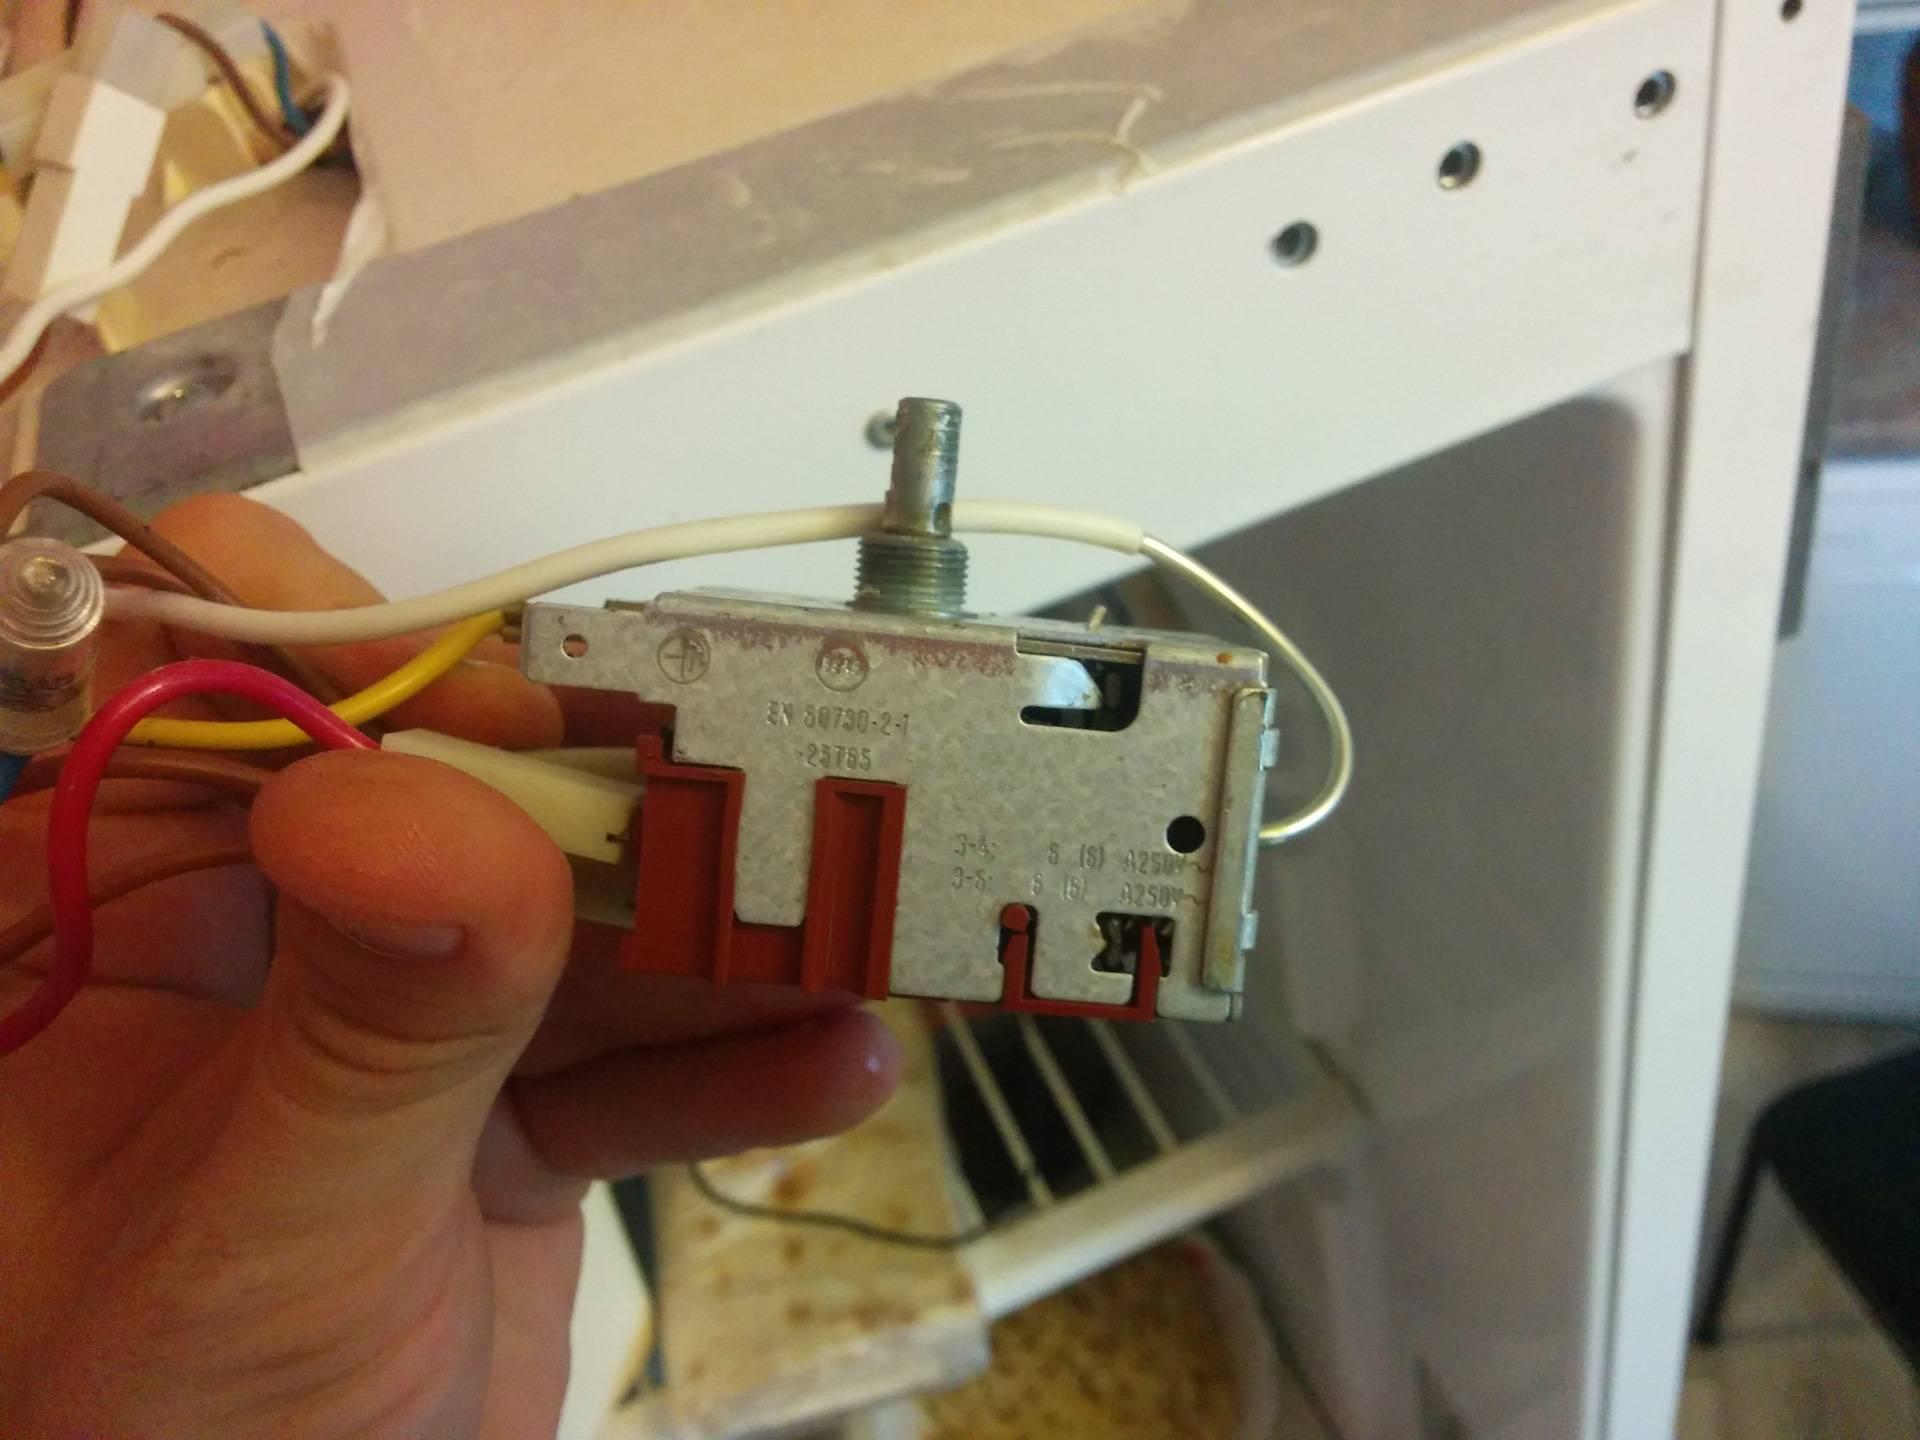 Замена терморегулятора в холодильнике своими руками: инструкция, проверка неисправности